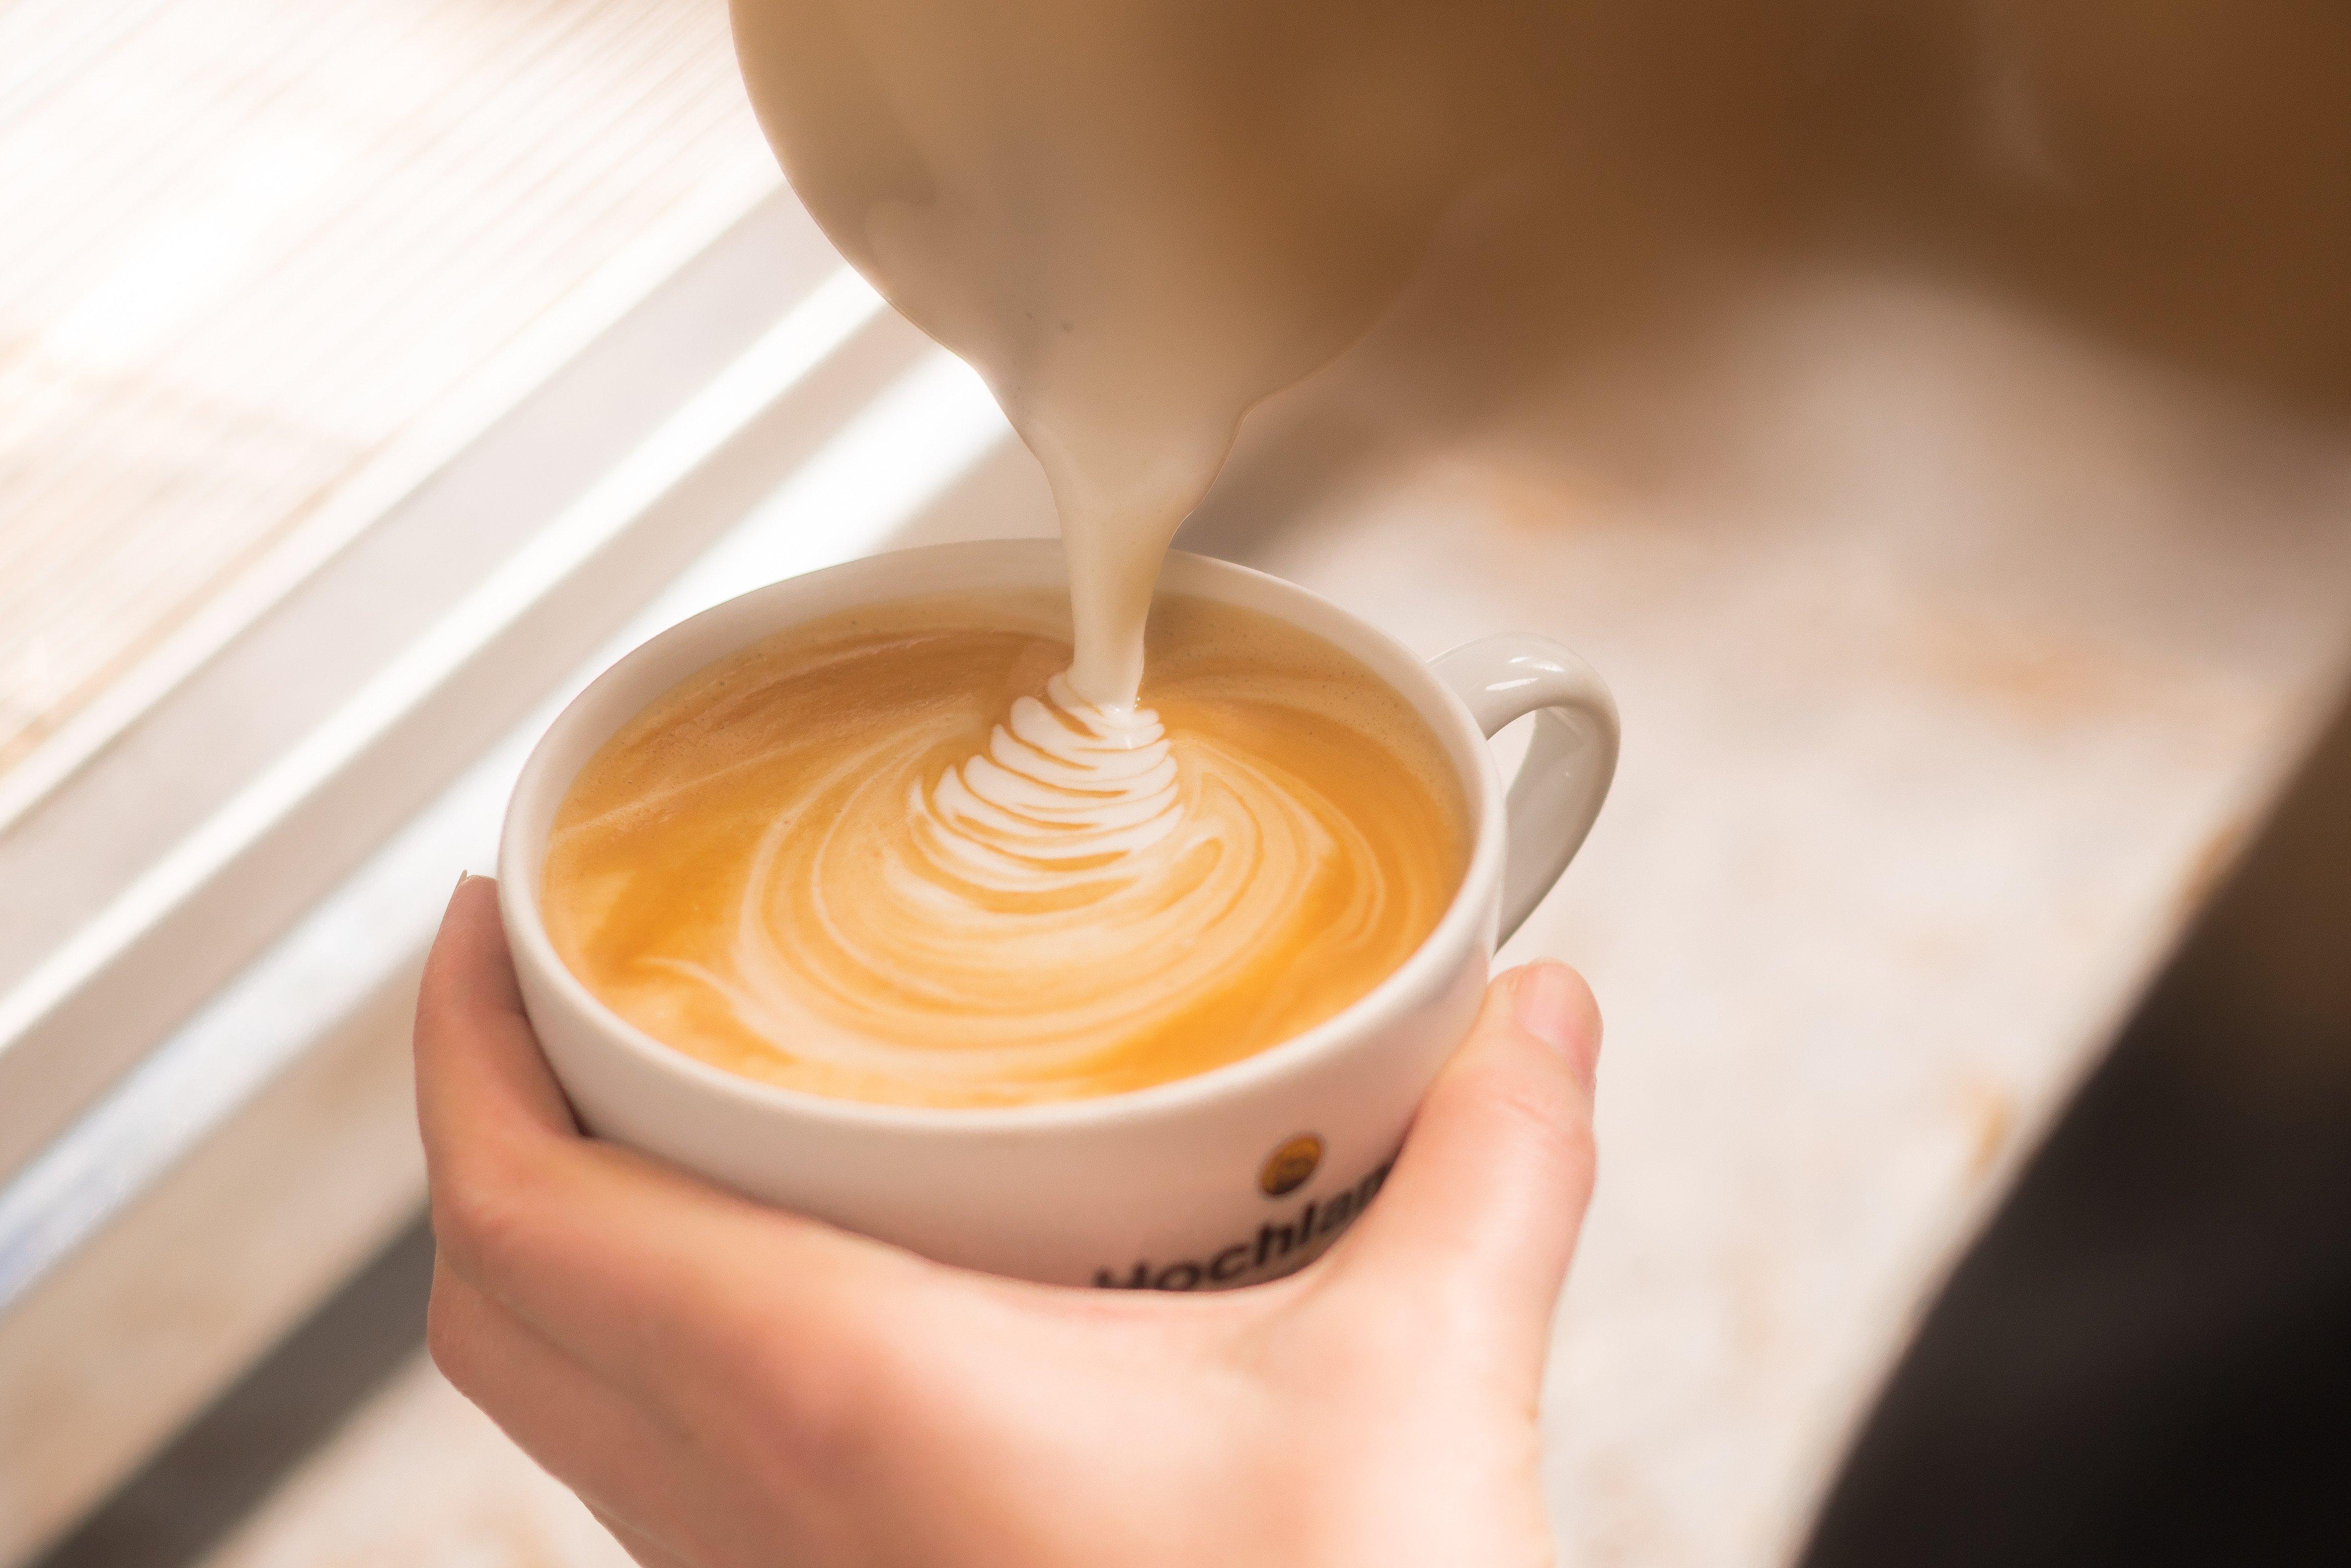 Entkoffeinierter Kaffee: Das schonende Verfahren mit Kohlensäure